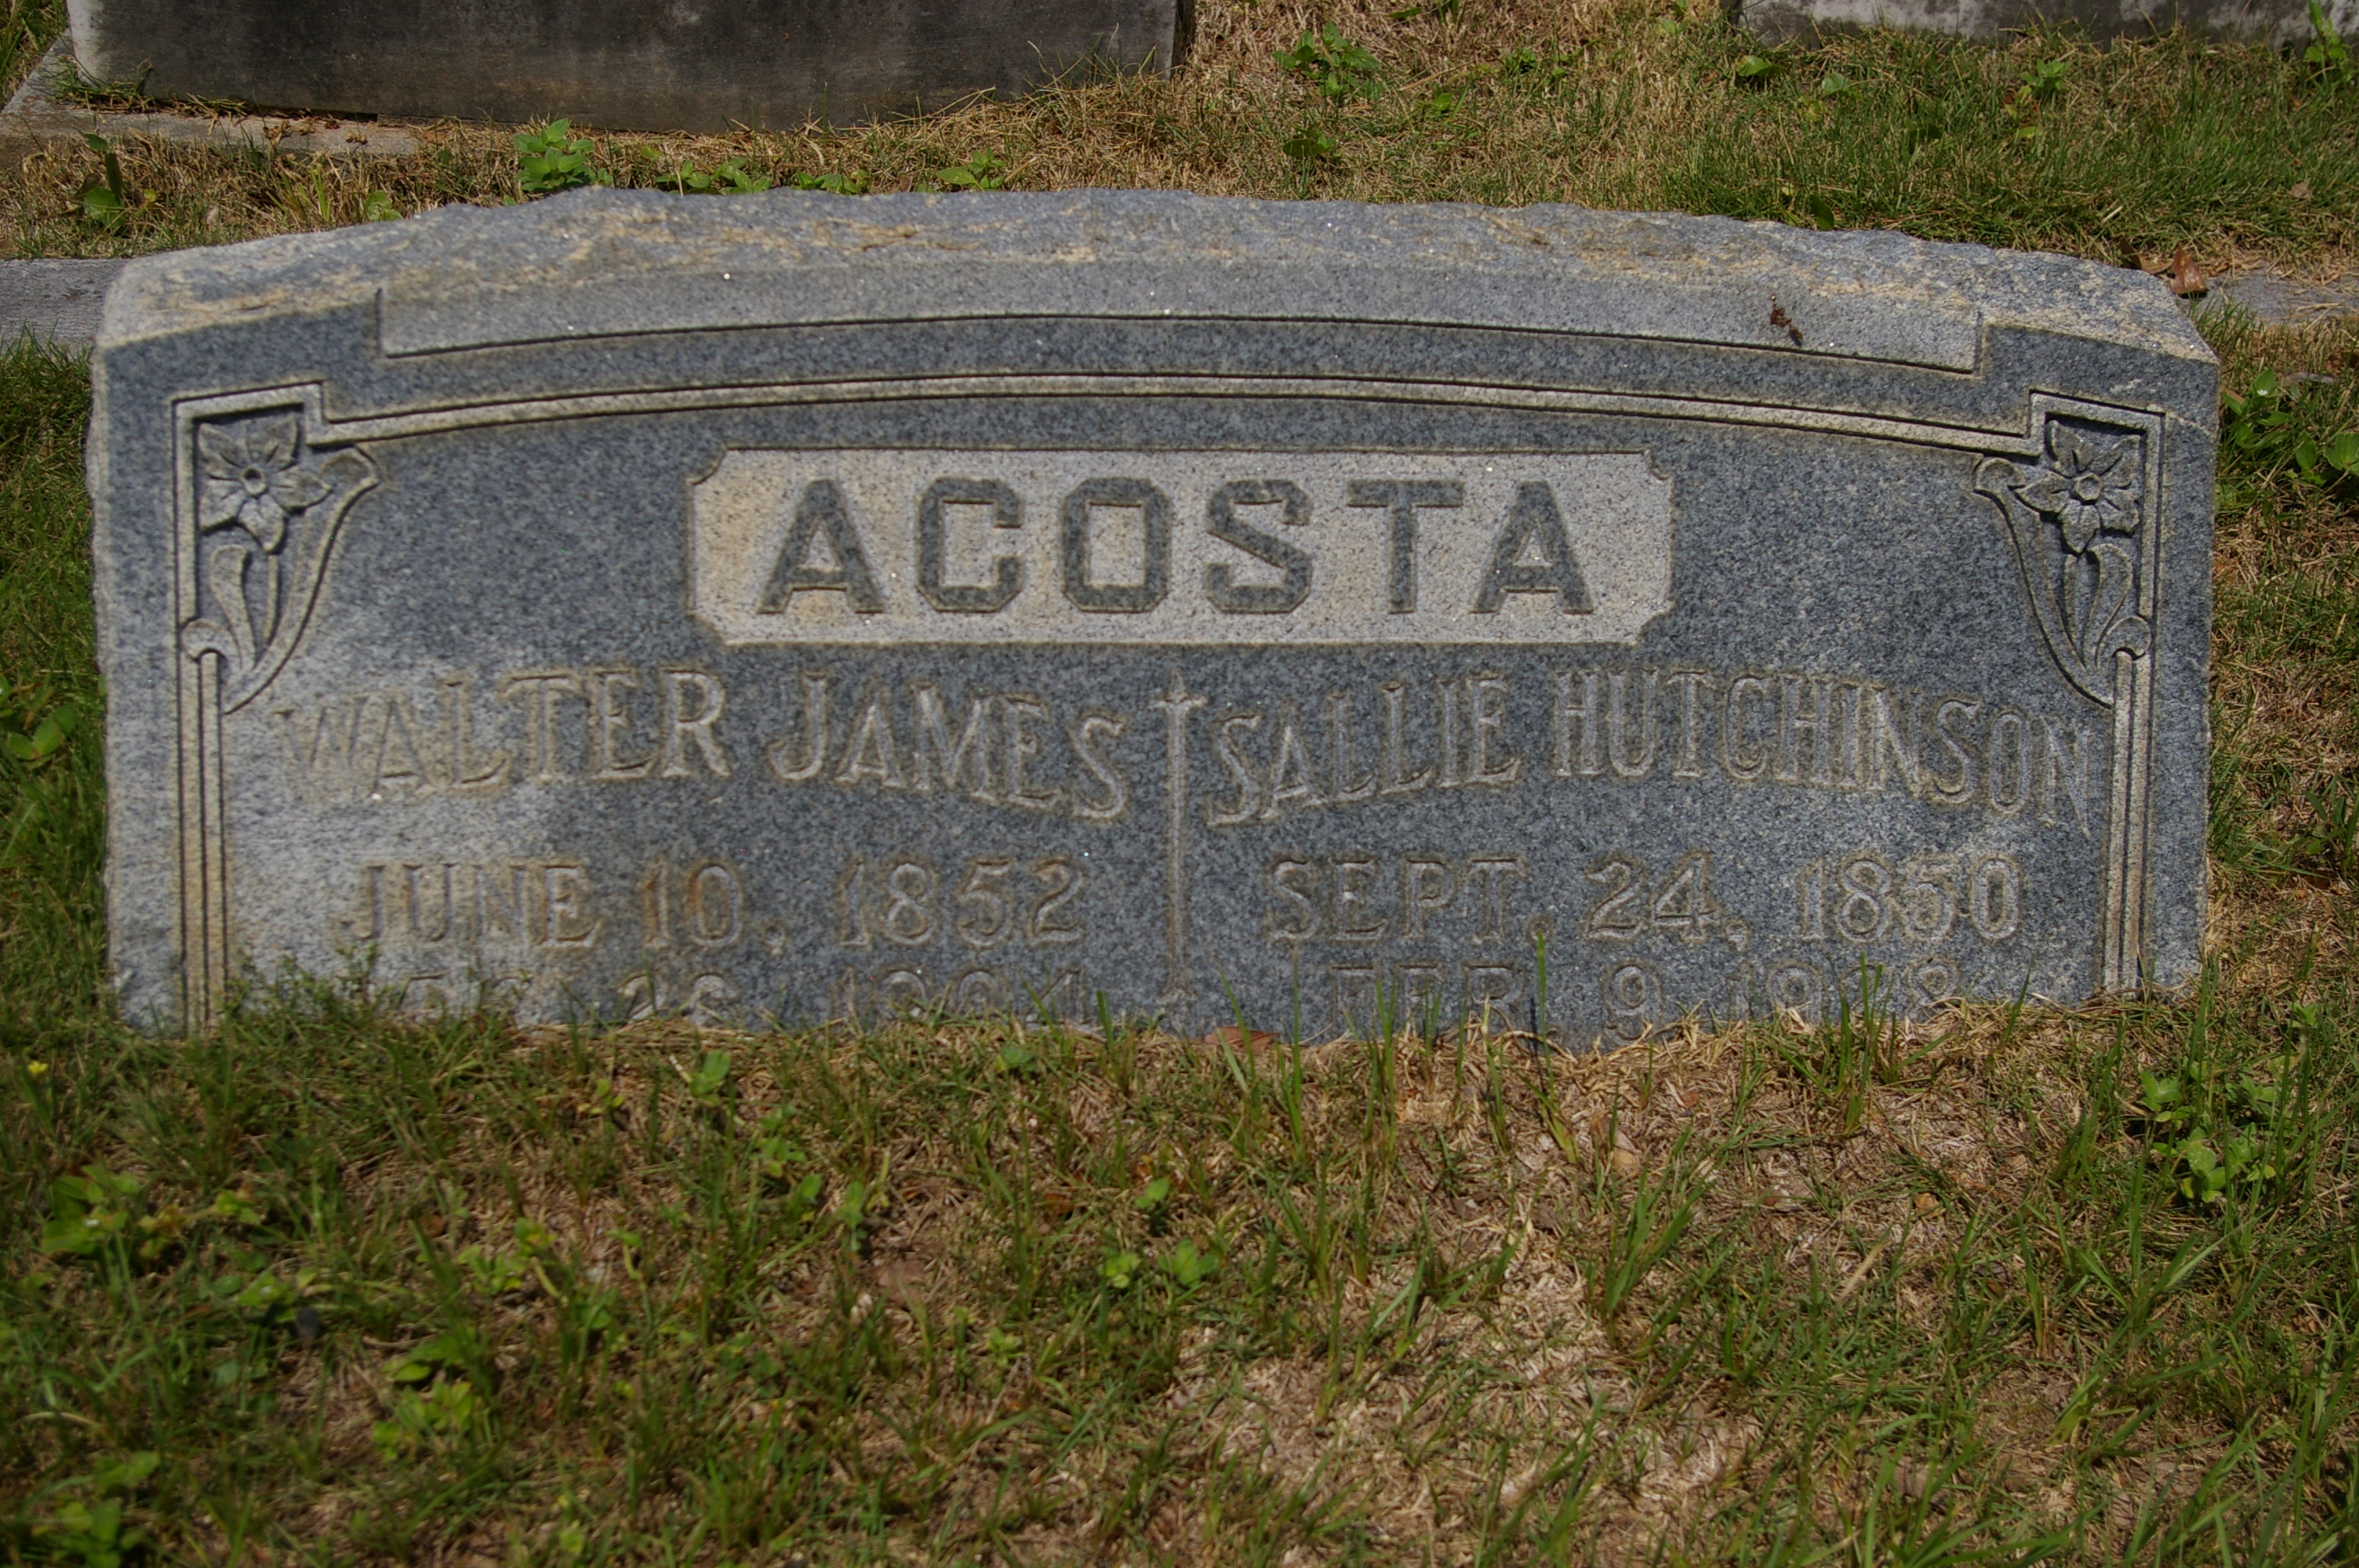 Walter James Acosta